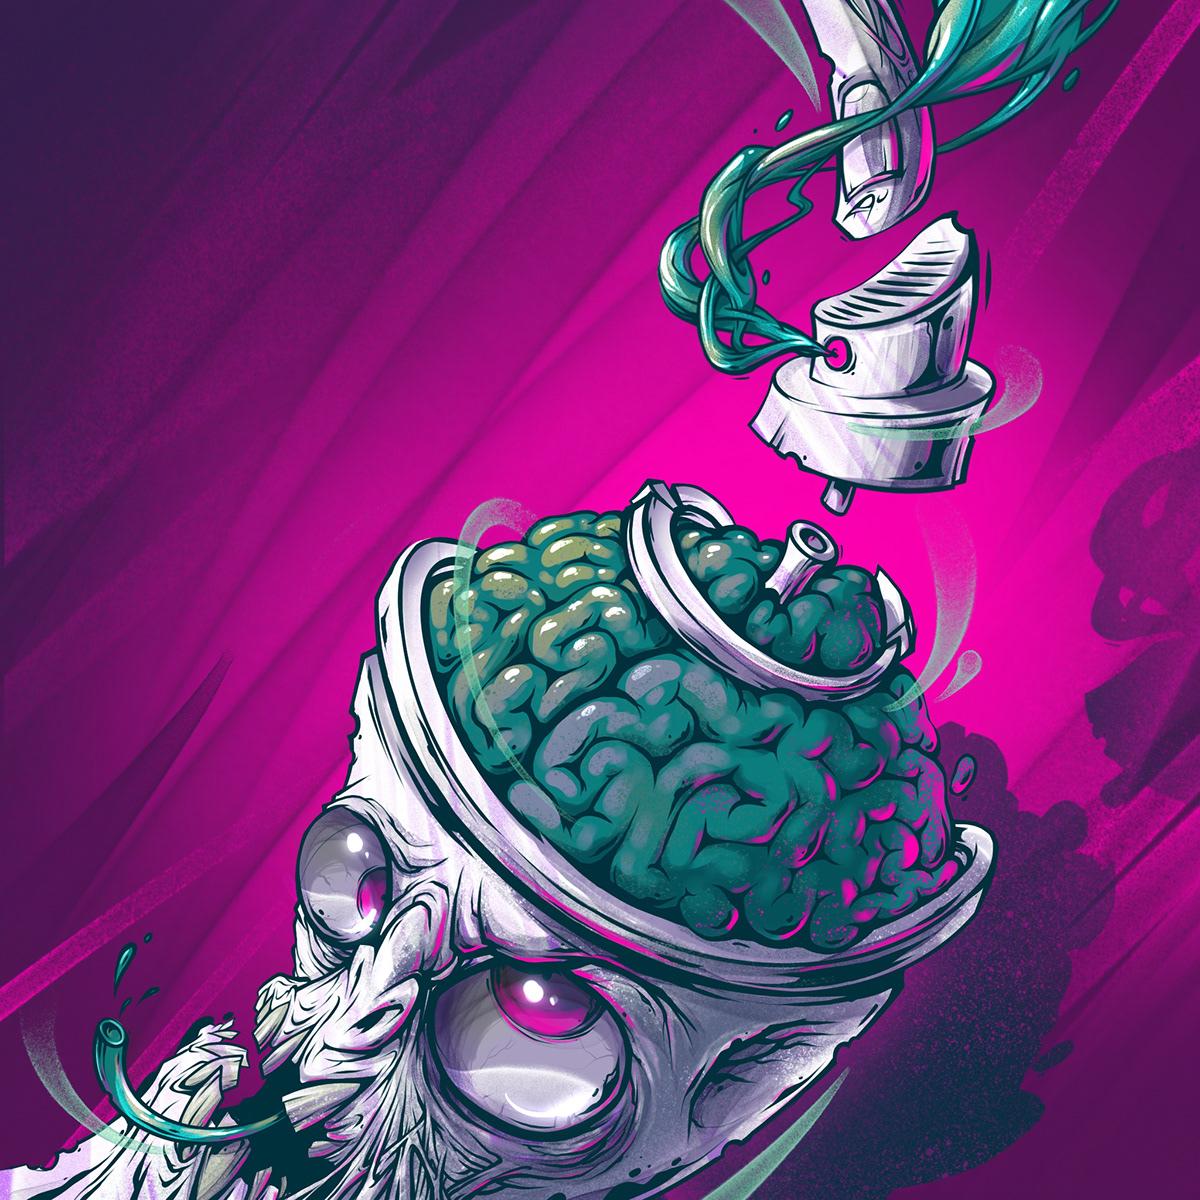 DigitalIllustration Procreate ipadart Character Graffiti